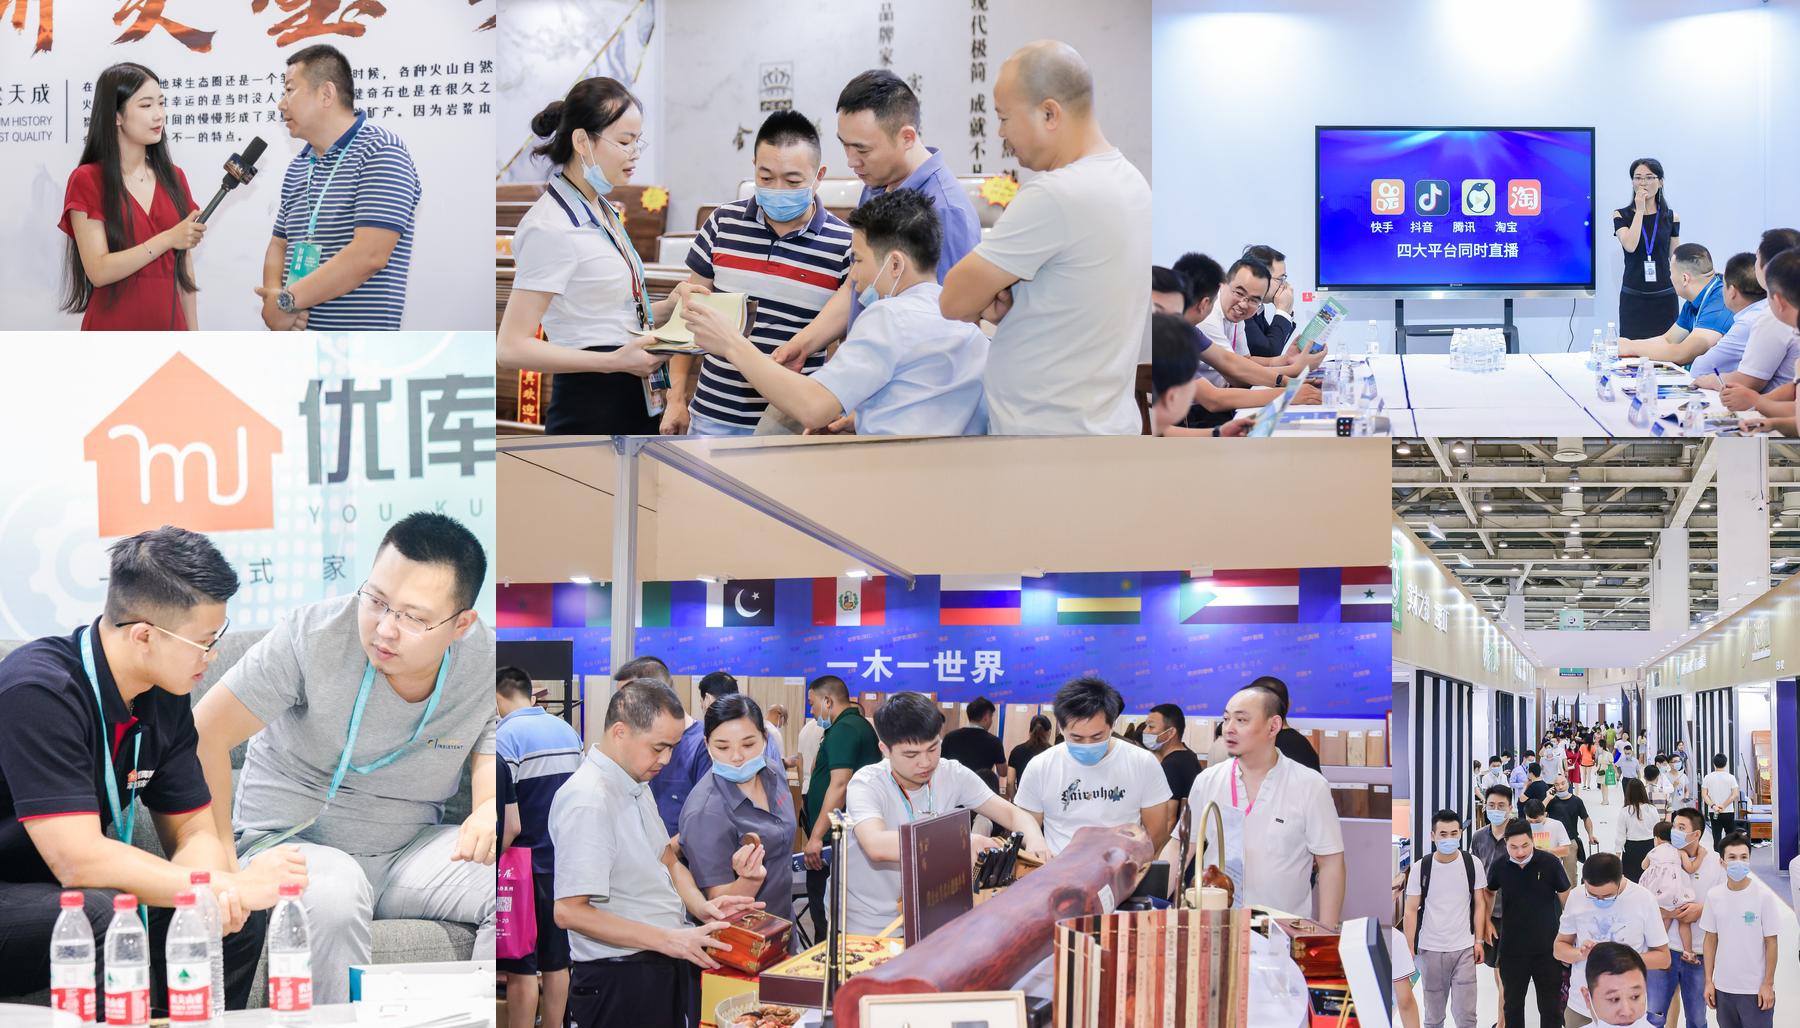 6月|第13屆蘇州家具展覽會深植華東,加強協同發展,釋放行業紅利